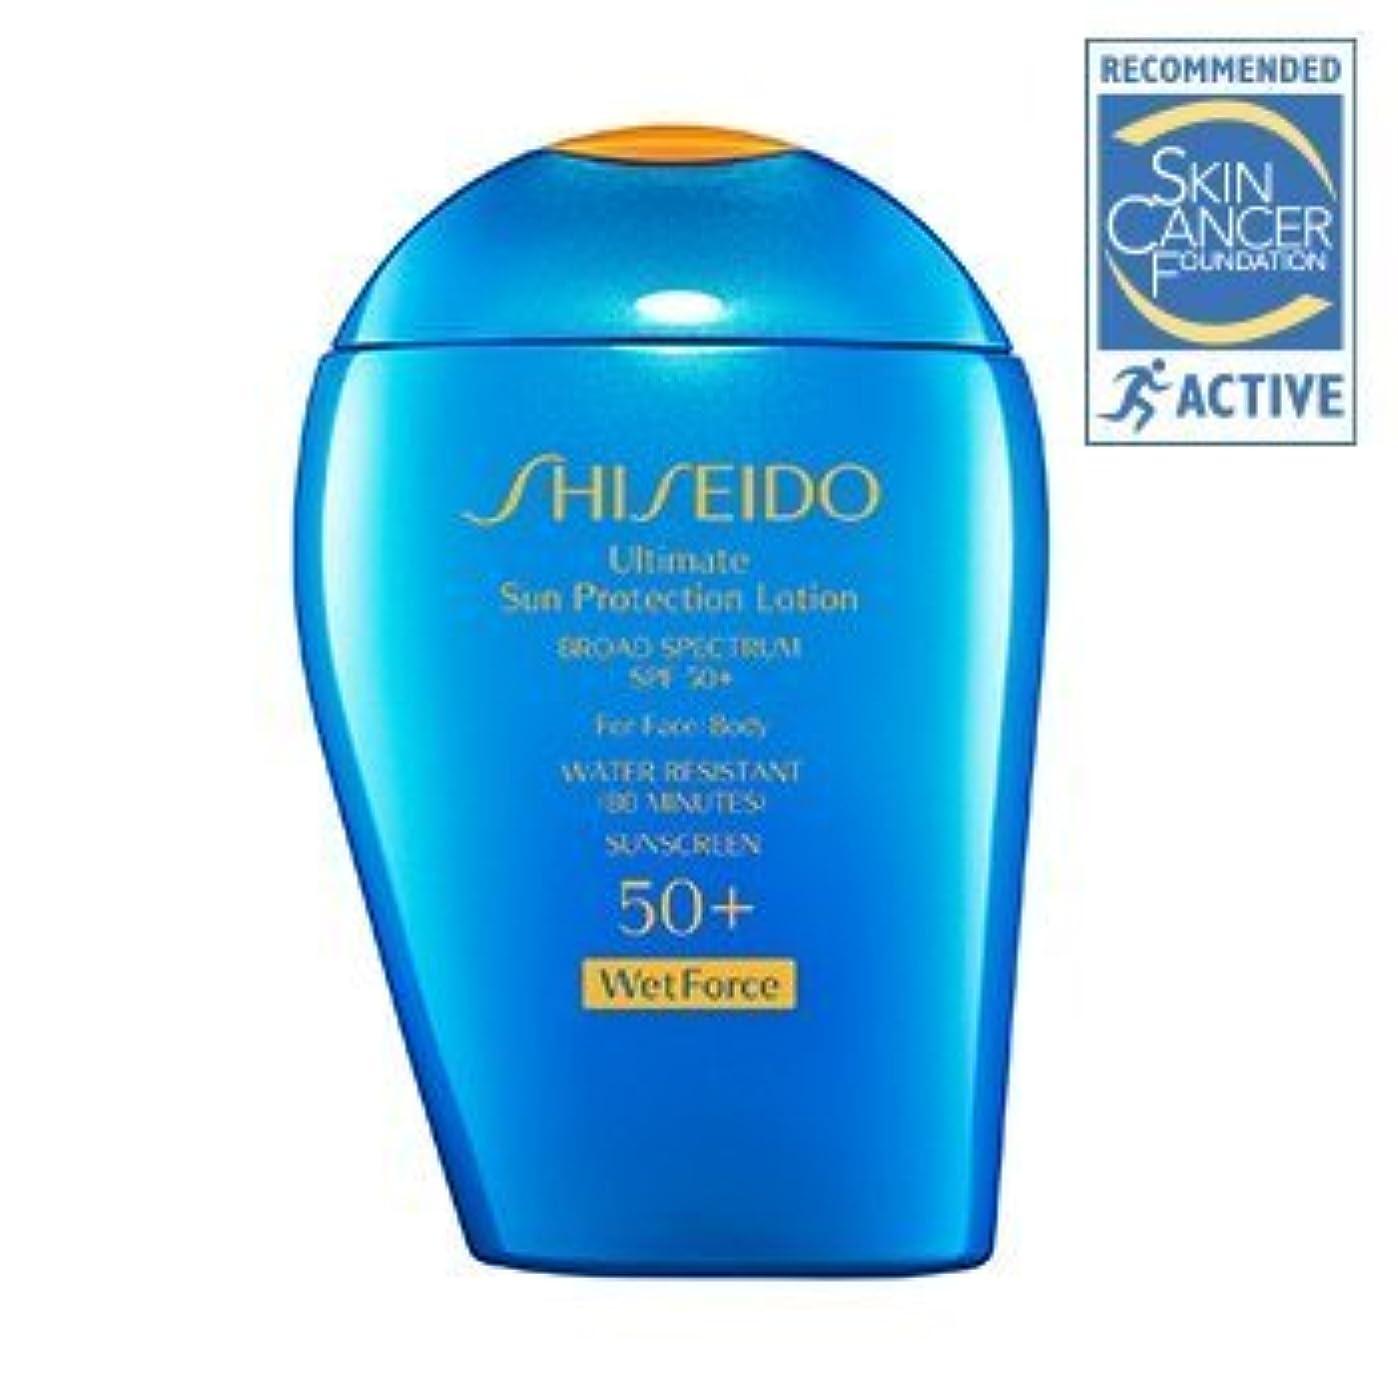 降臨難民少なくともShiseido Ultimate Sun Protection Face & Body Lotion Spf 50 Pa+++ 100Ml/3.4Oz by Shiseido [並行輸入品]